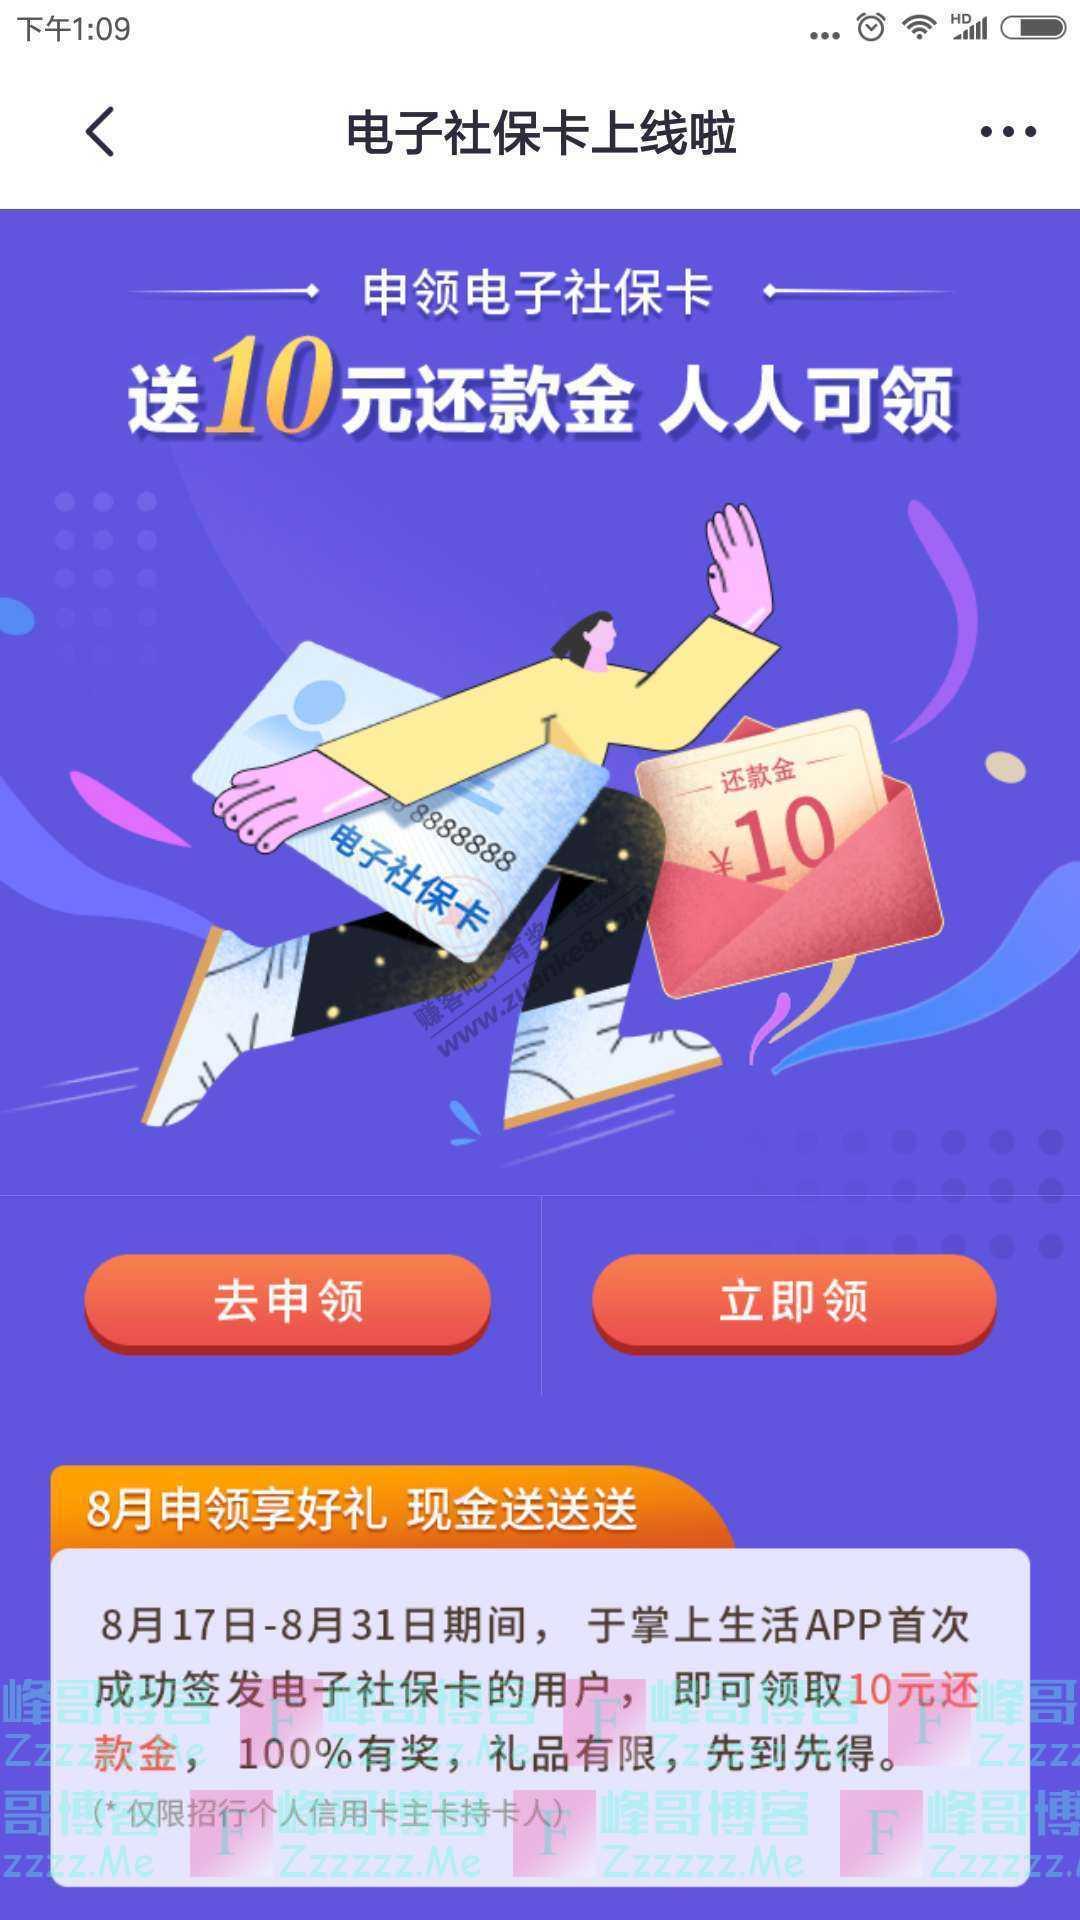 掌上生活app申领电子社保卡送10元还款金(截止8月31日)